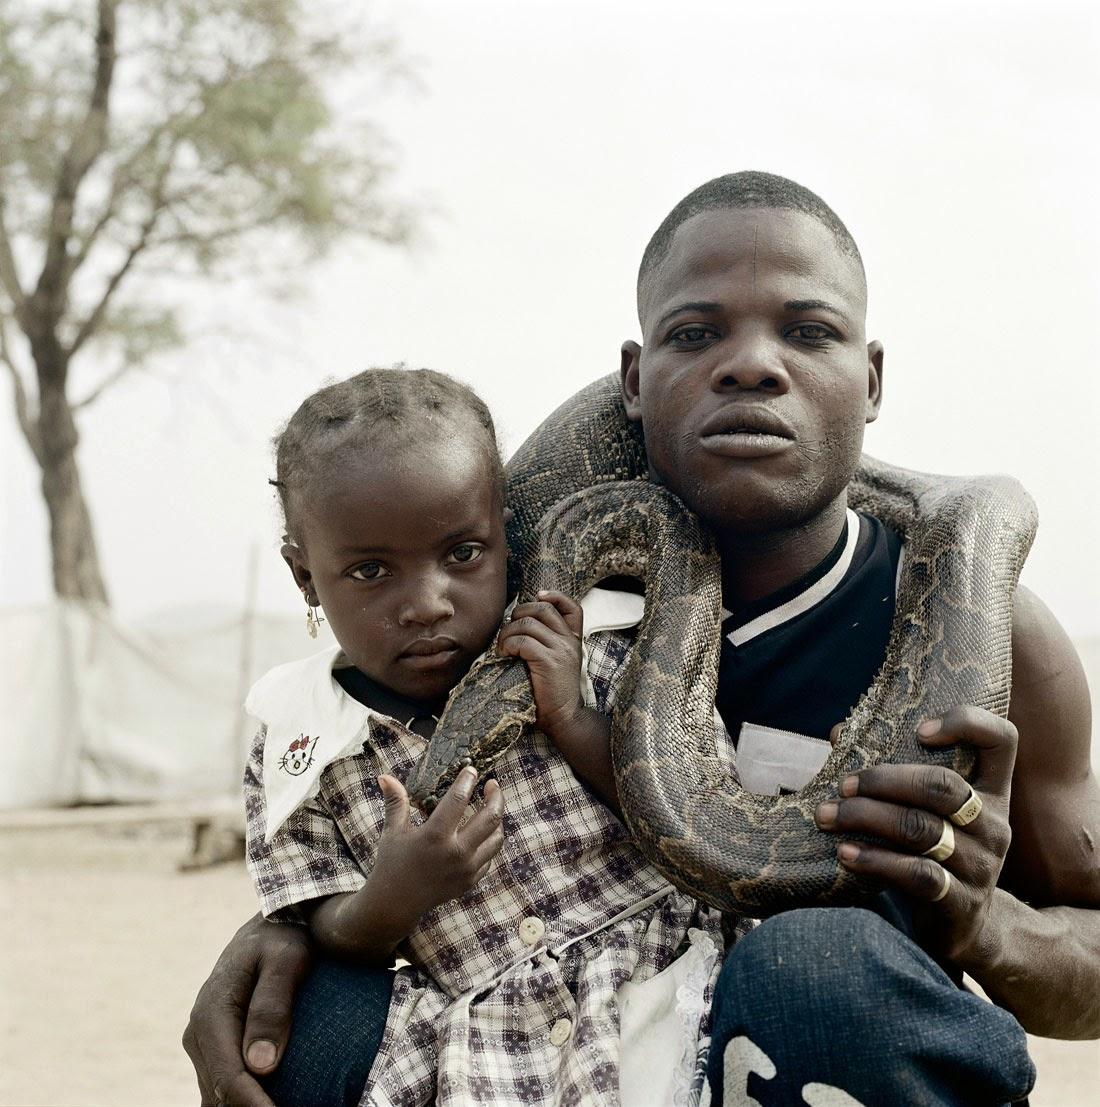 Портретная и документальная фотография Питера Хьюго - 60